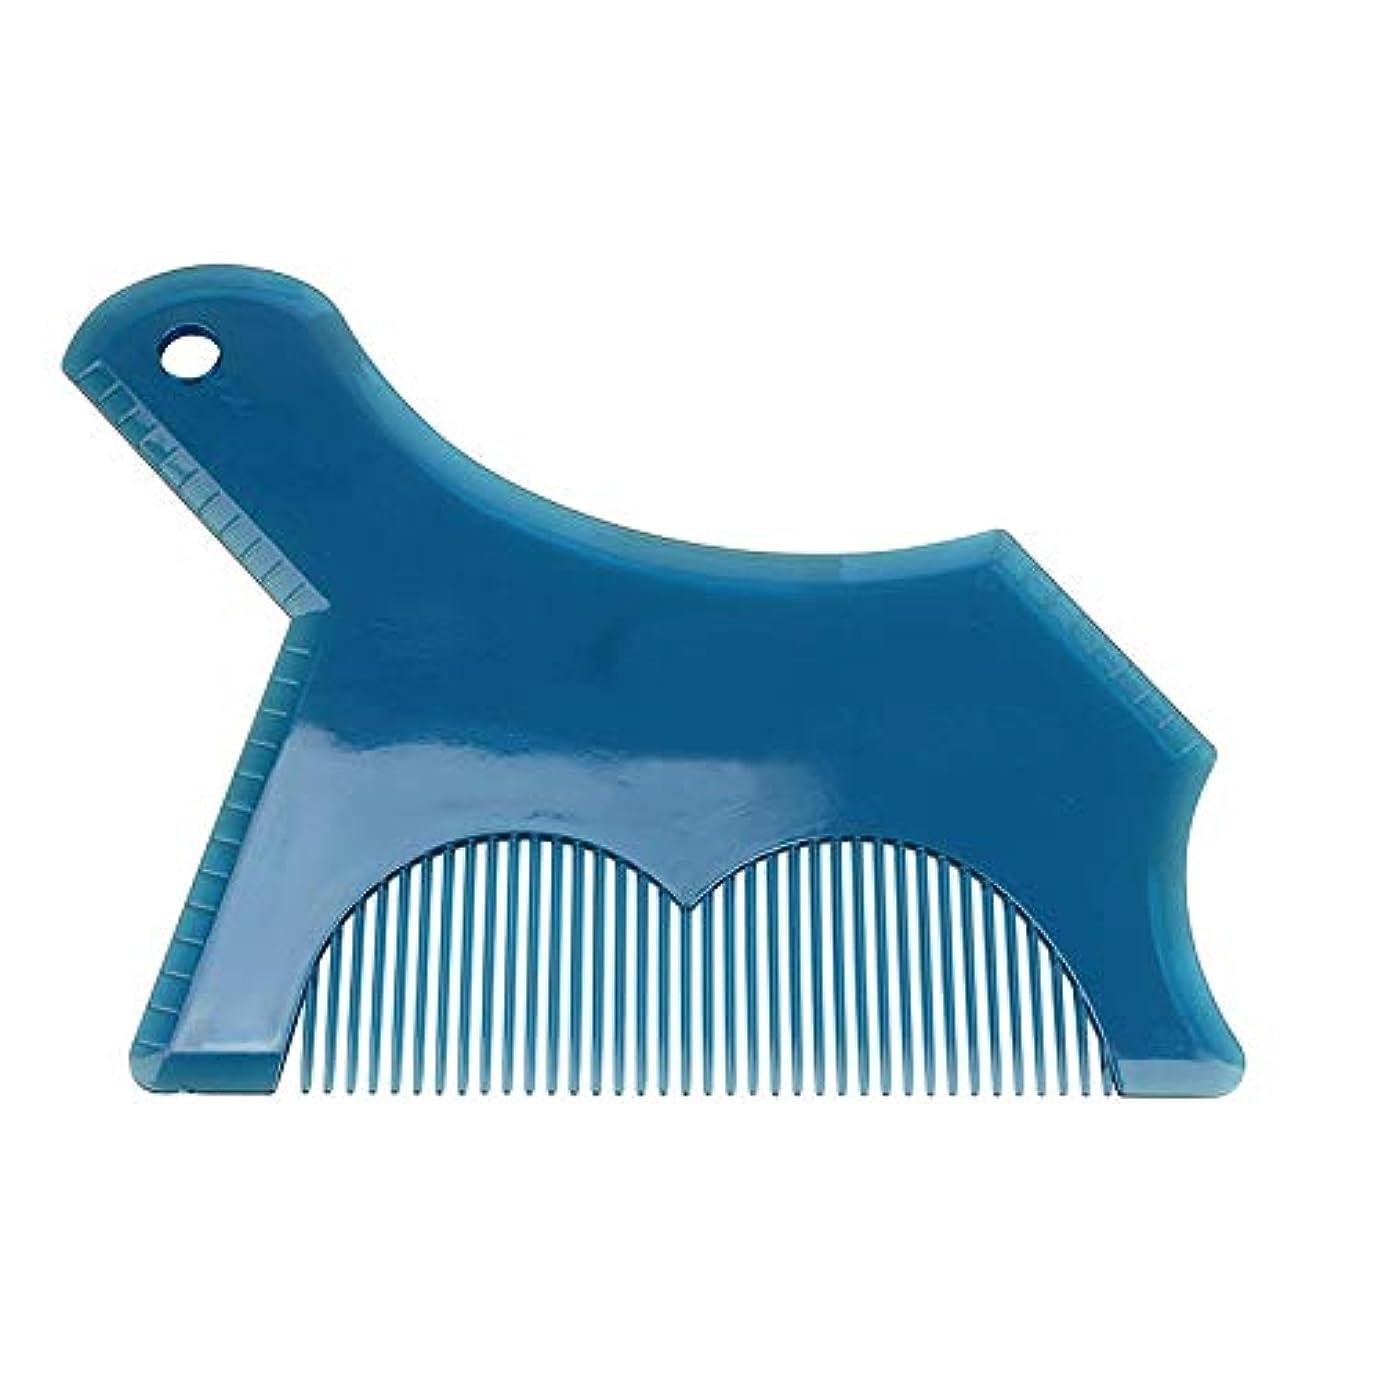 ミキサー重要川RETYLY 新しい革新的なデザインひげ成形ツール トリミングシェイパーテンプレートガイド フルサイズの櫛 シェービングやステンシル用 ラインアップ